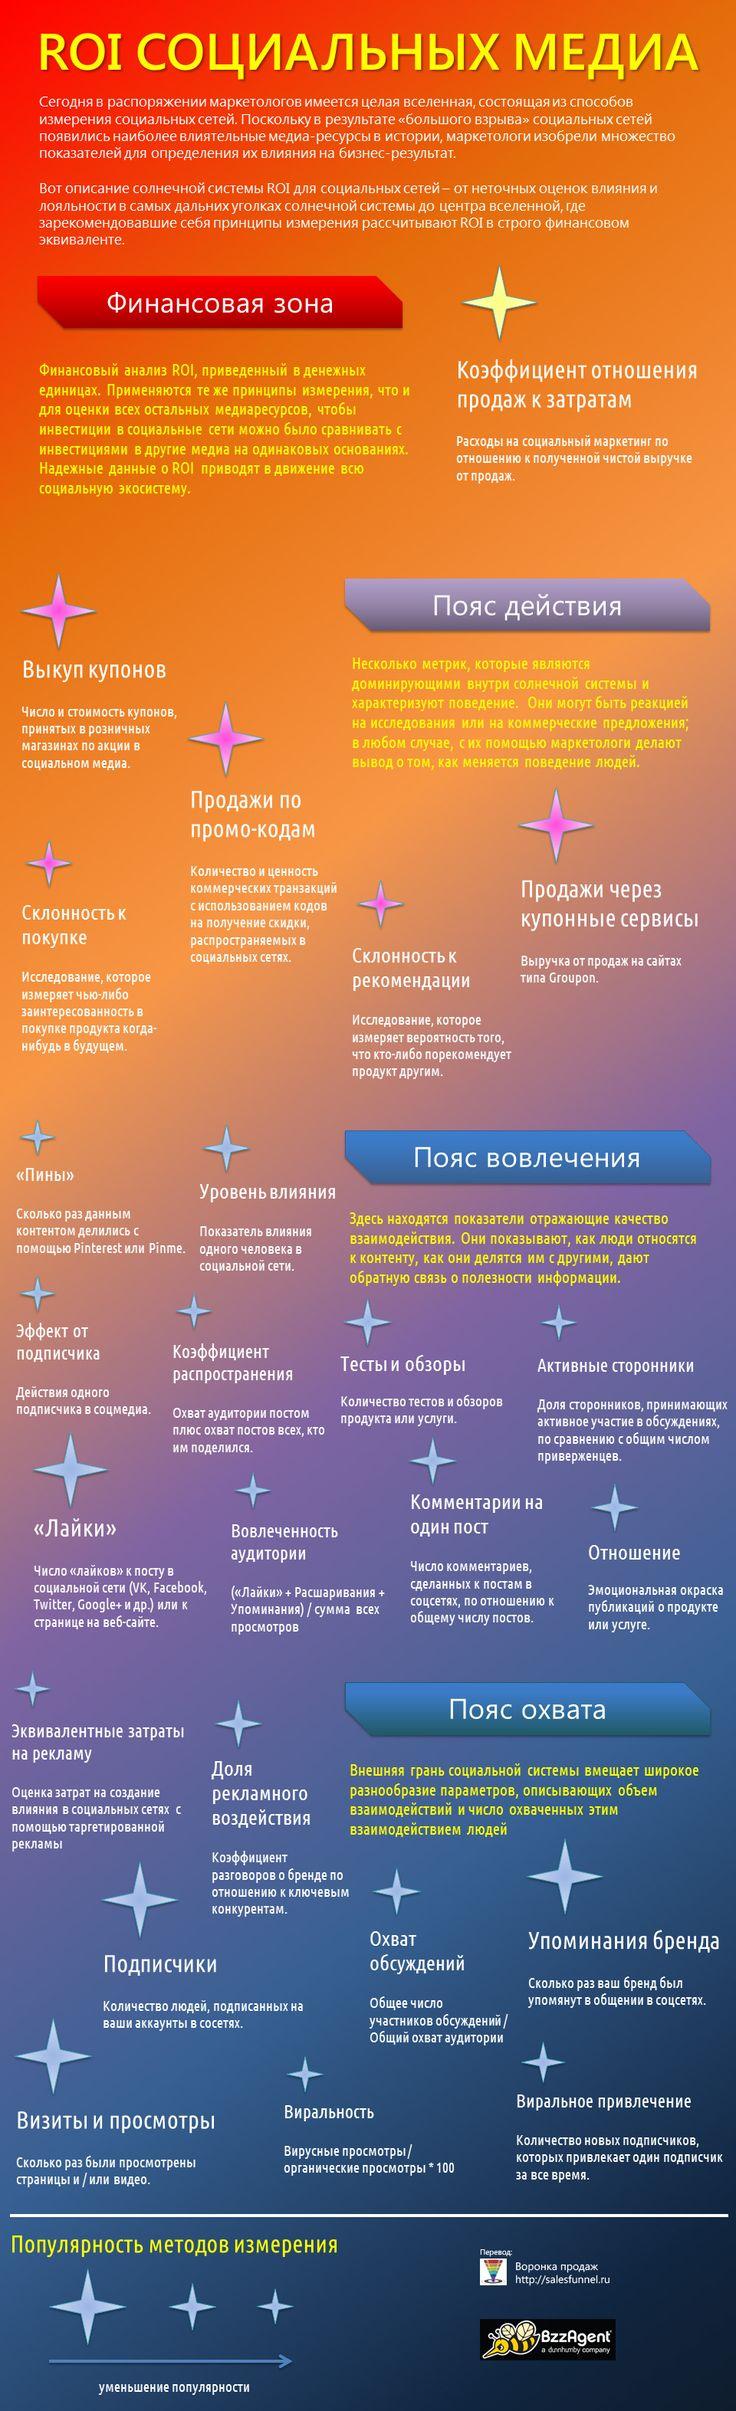 Окупаемость инвестиций (ROI) в SMM — вселенная метрик (инфографика) | Воронка продаж